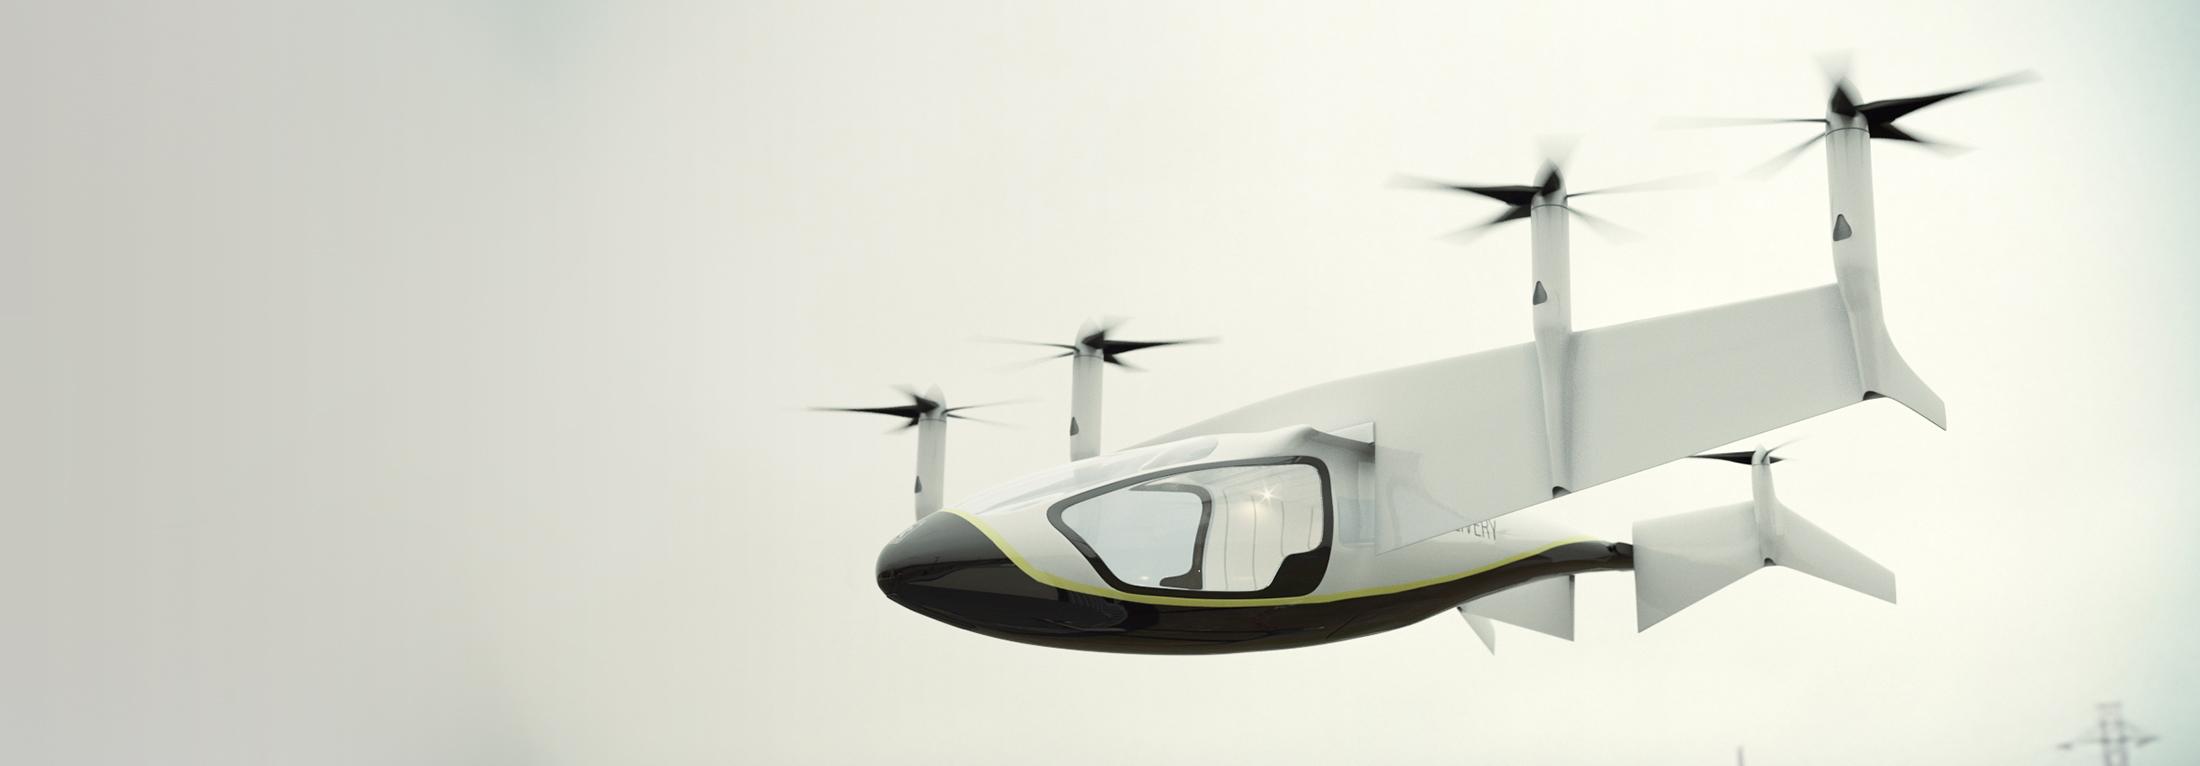 Концепт летающего авто от Rolls-Royce будет готов к середине 2020-х